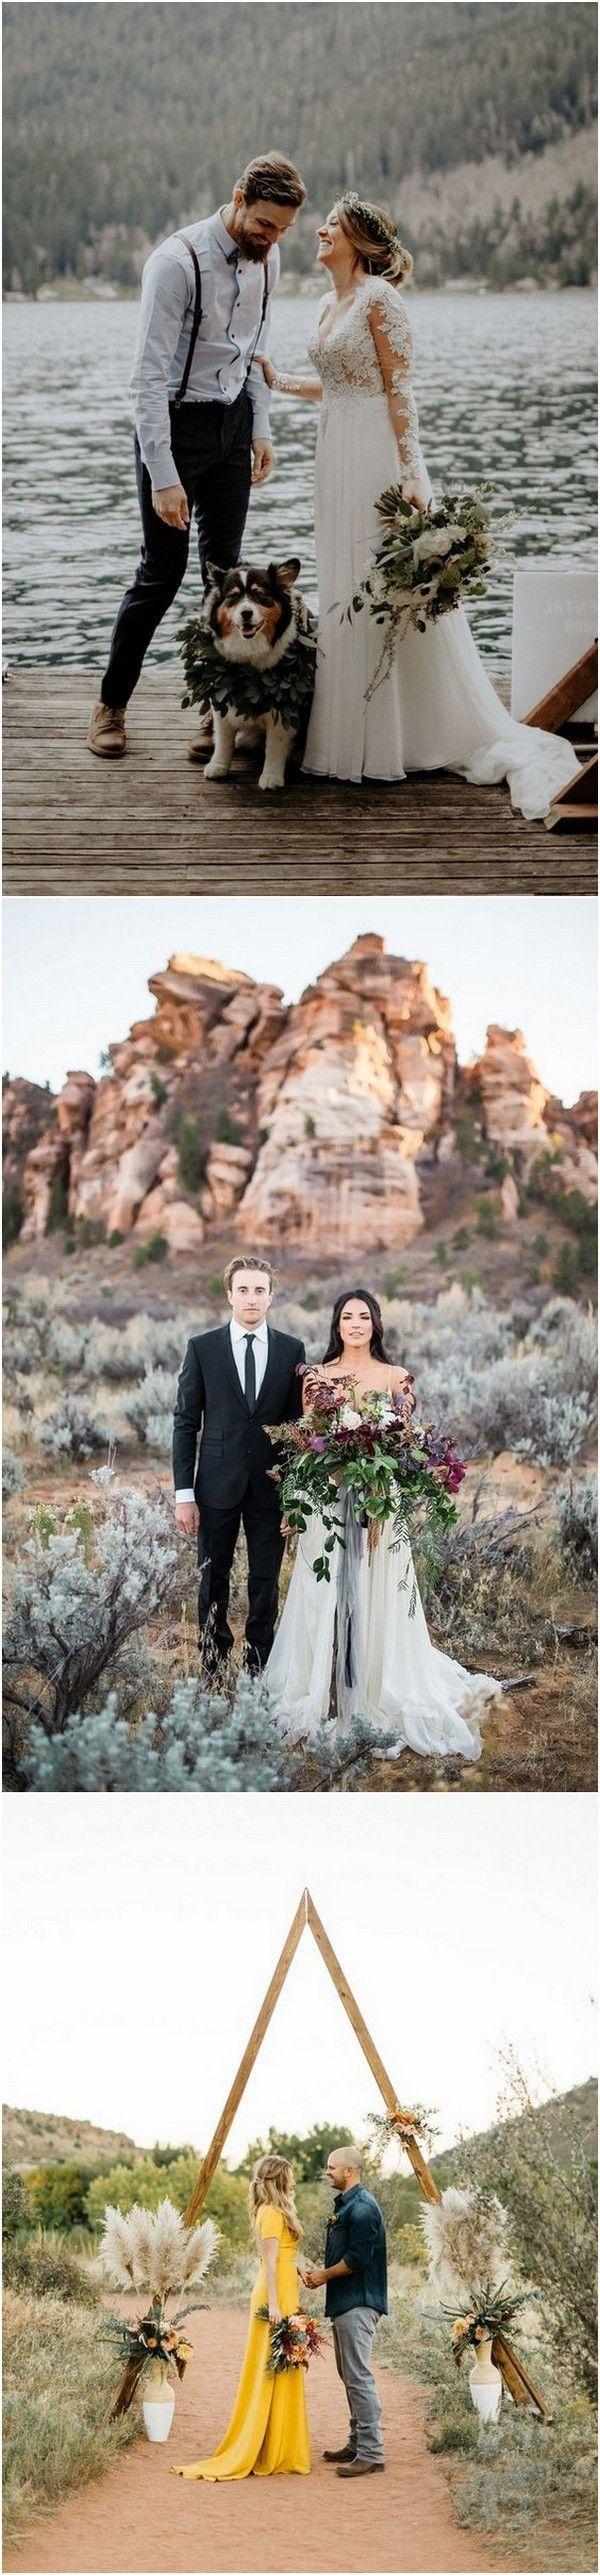 Wedding - Top 20 Elopement Ideas You'll Love